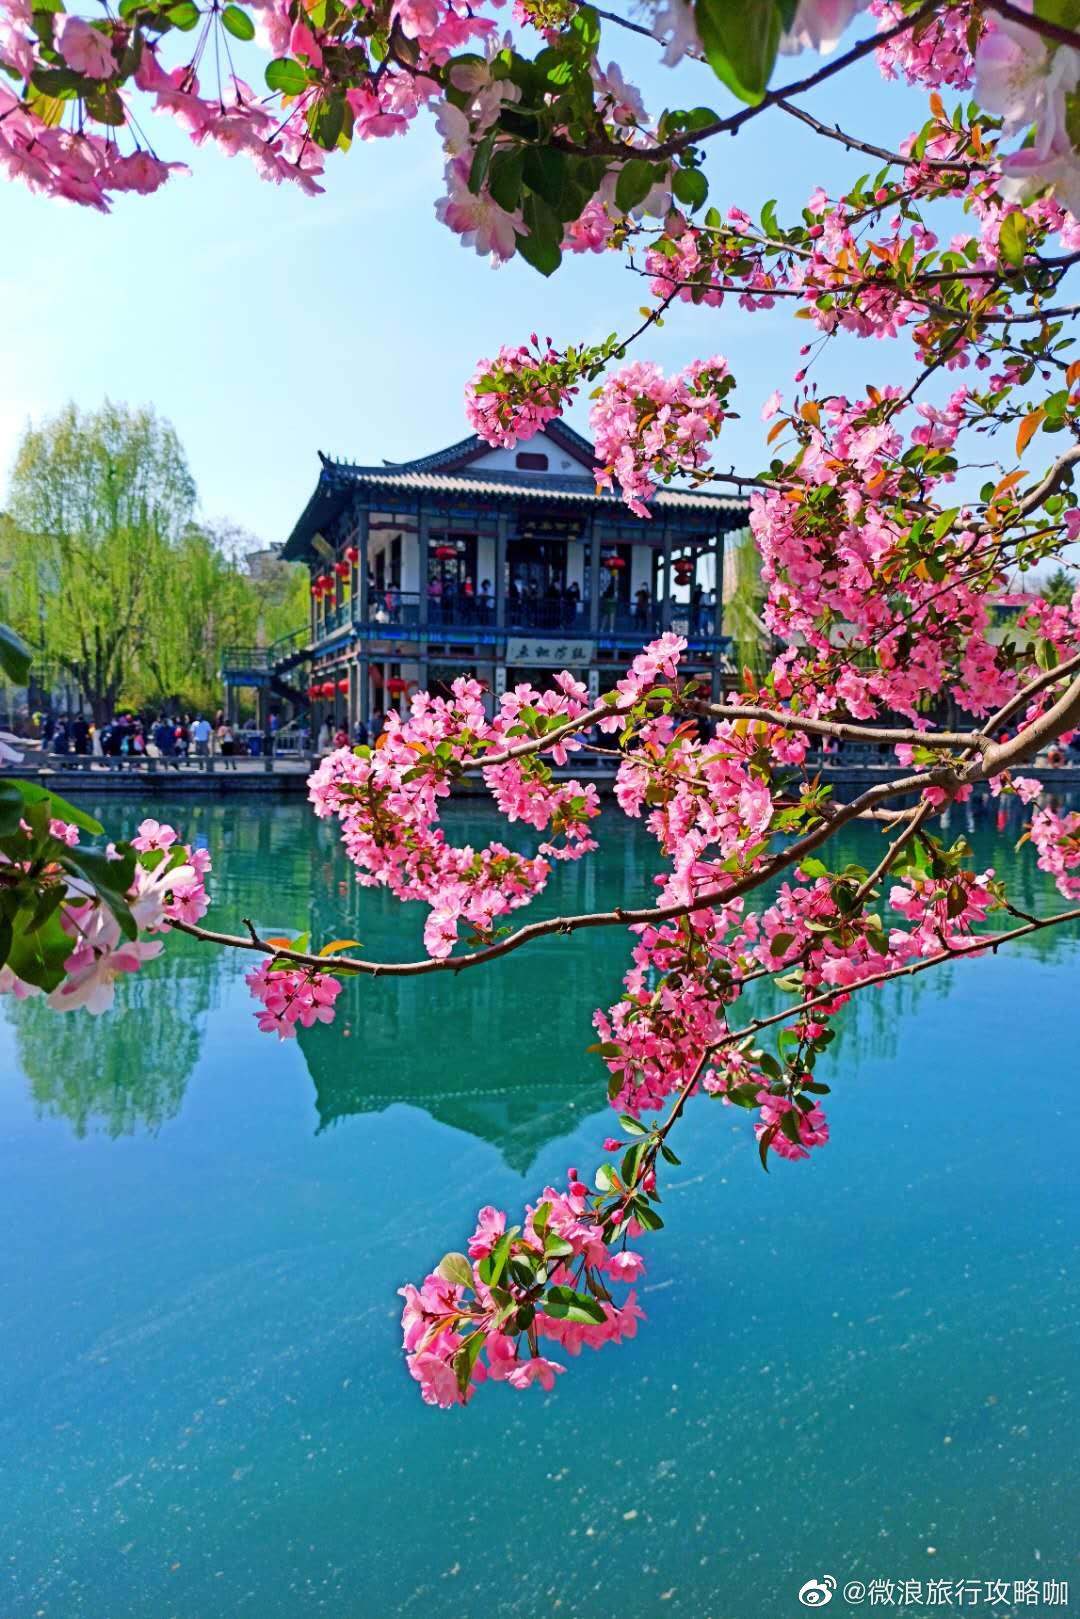 美翻!《鬓边不是海棠红》火啦!泉城最美的海棠花海也要火啦